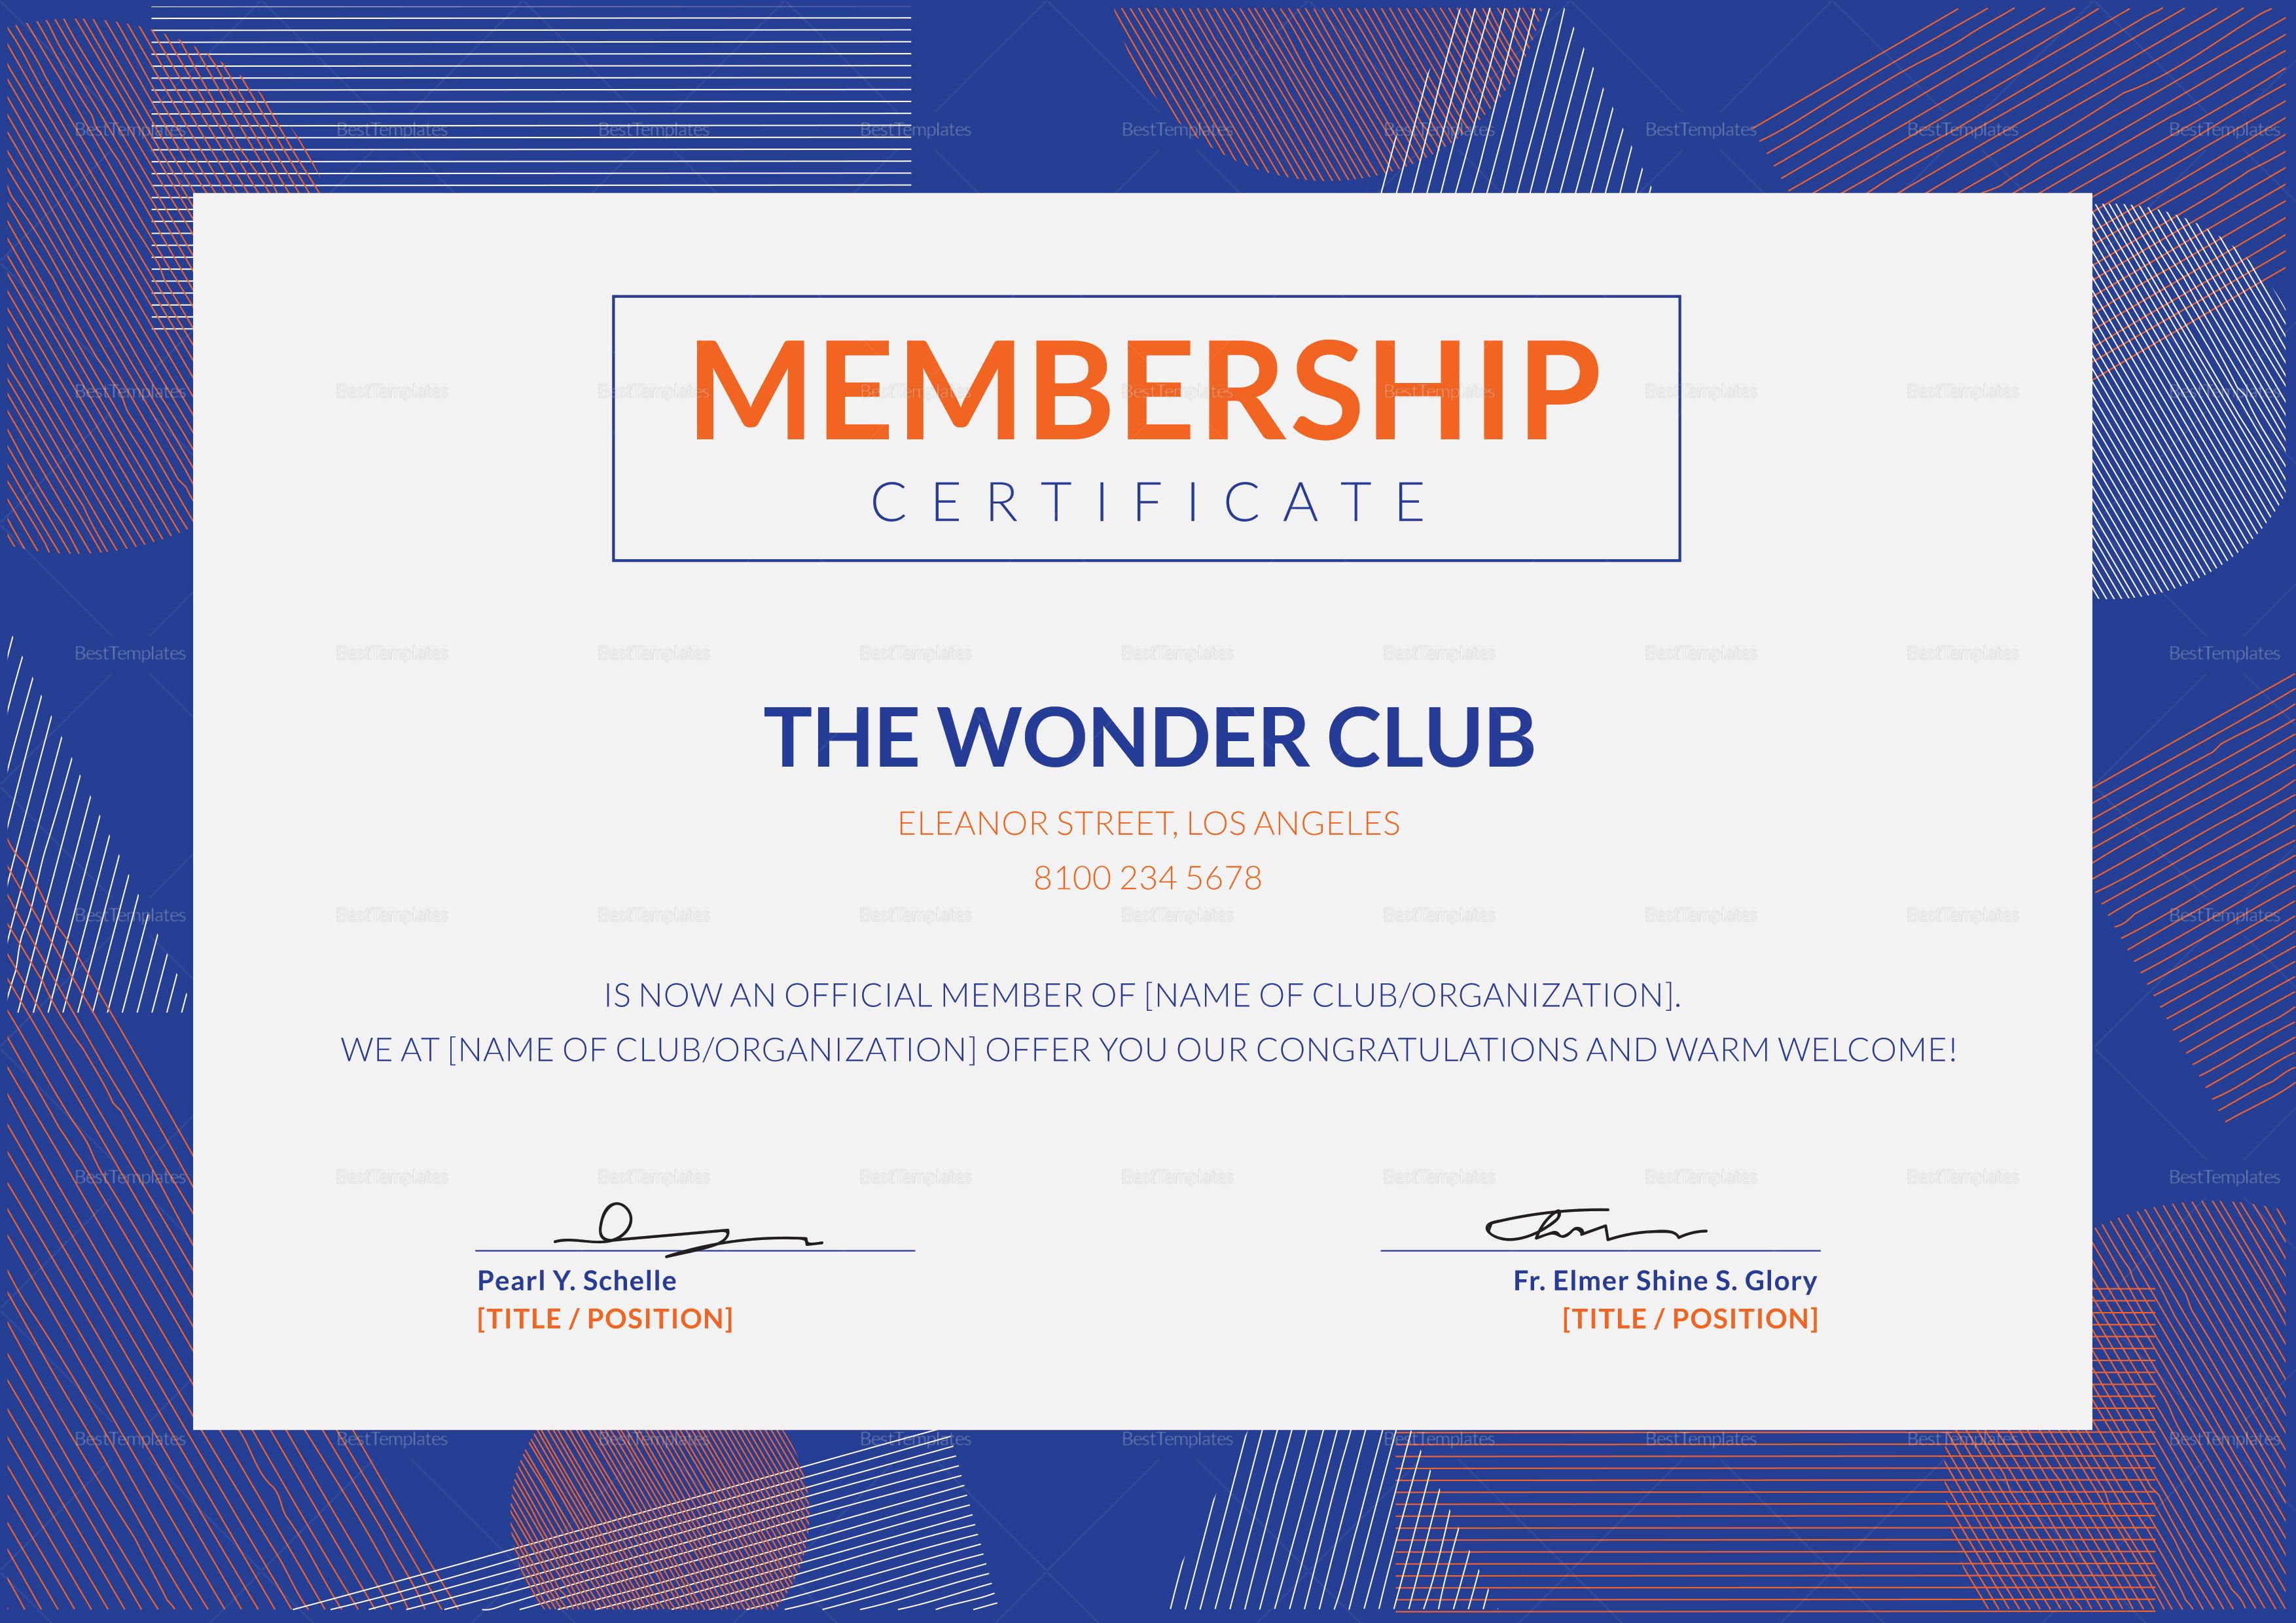 Club Membership Certificate Template to Edit